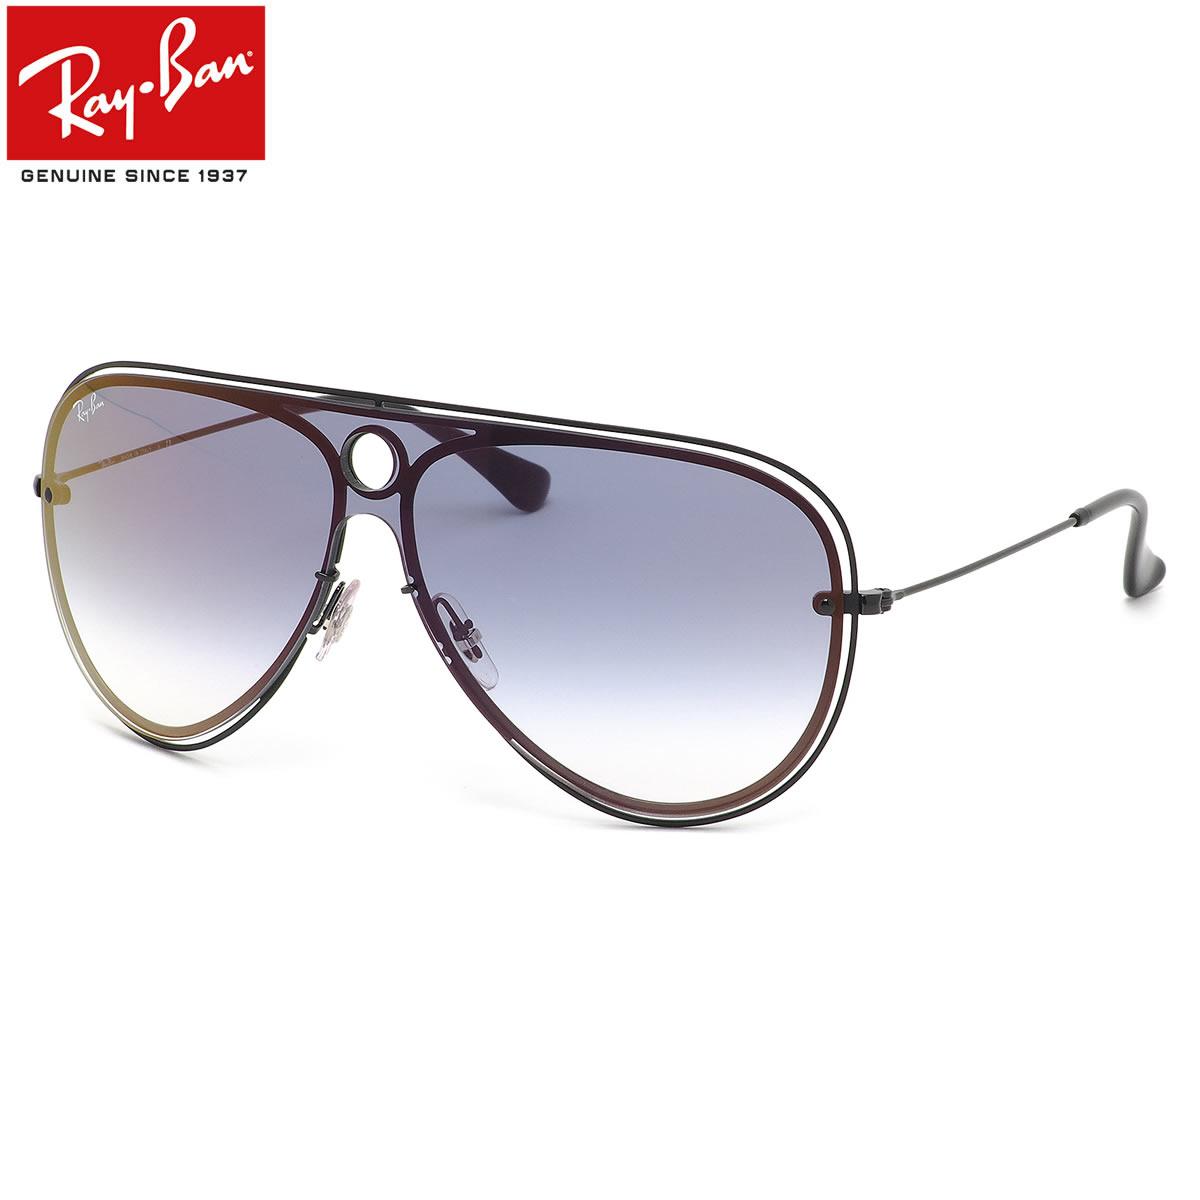 Ray-Ban レイバン サングラス RB3605N 186/X0 132サイズ HIGHSTREET BLAZE SHOOTER ハイストリート ブレイズ シューター ツーブリッジ ダブルブリッジ ミラー 1枚レンズ ワンシールド メンズ レディース